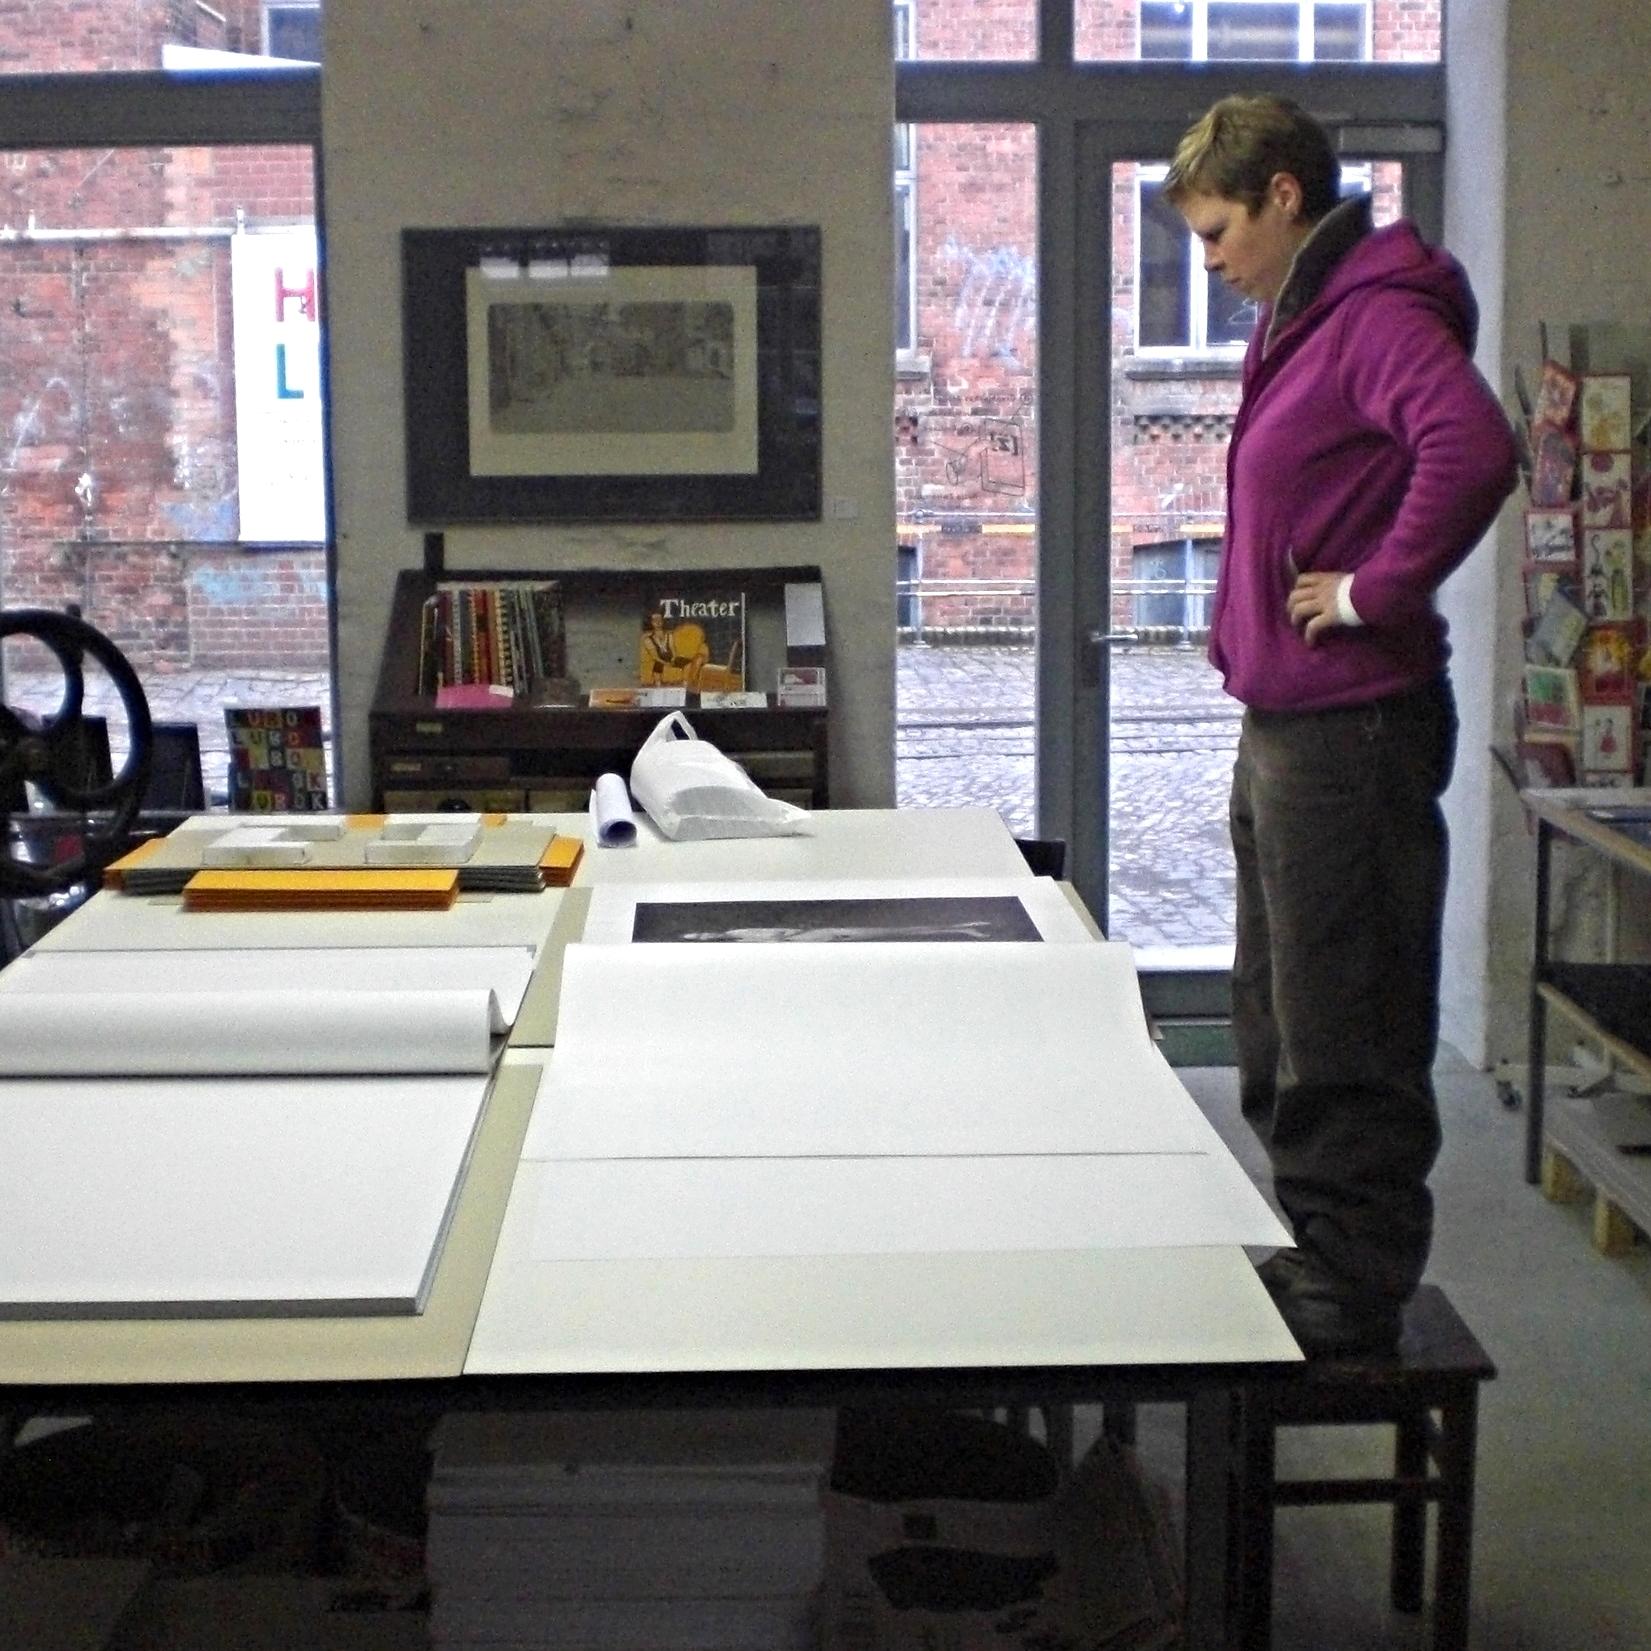 Bei Katja Zwirnmann in der Werkstatt (Spinnerei, Leipzig) /Herstellungsphase MIT JOCK STURGES familiär / Zum Anschauen dieses Riesenbuches musste ich auf einen Hocker steigen.